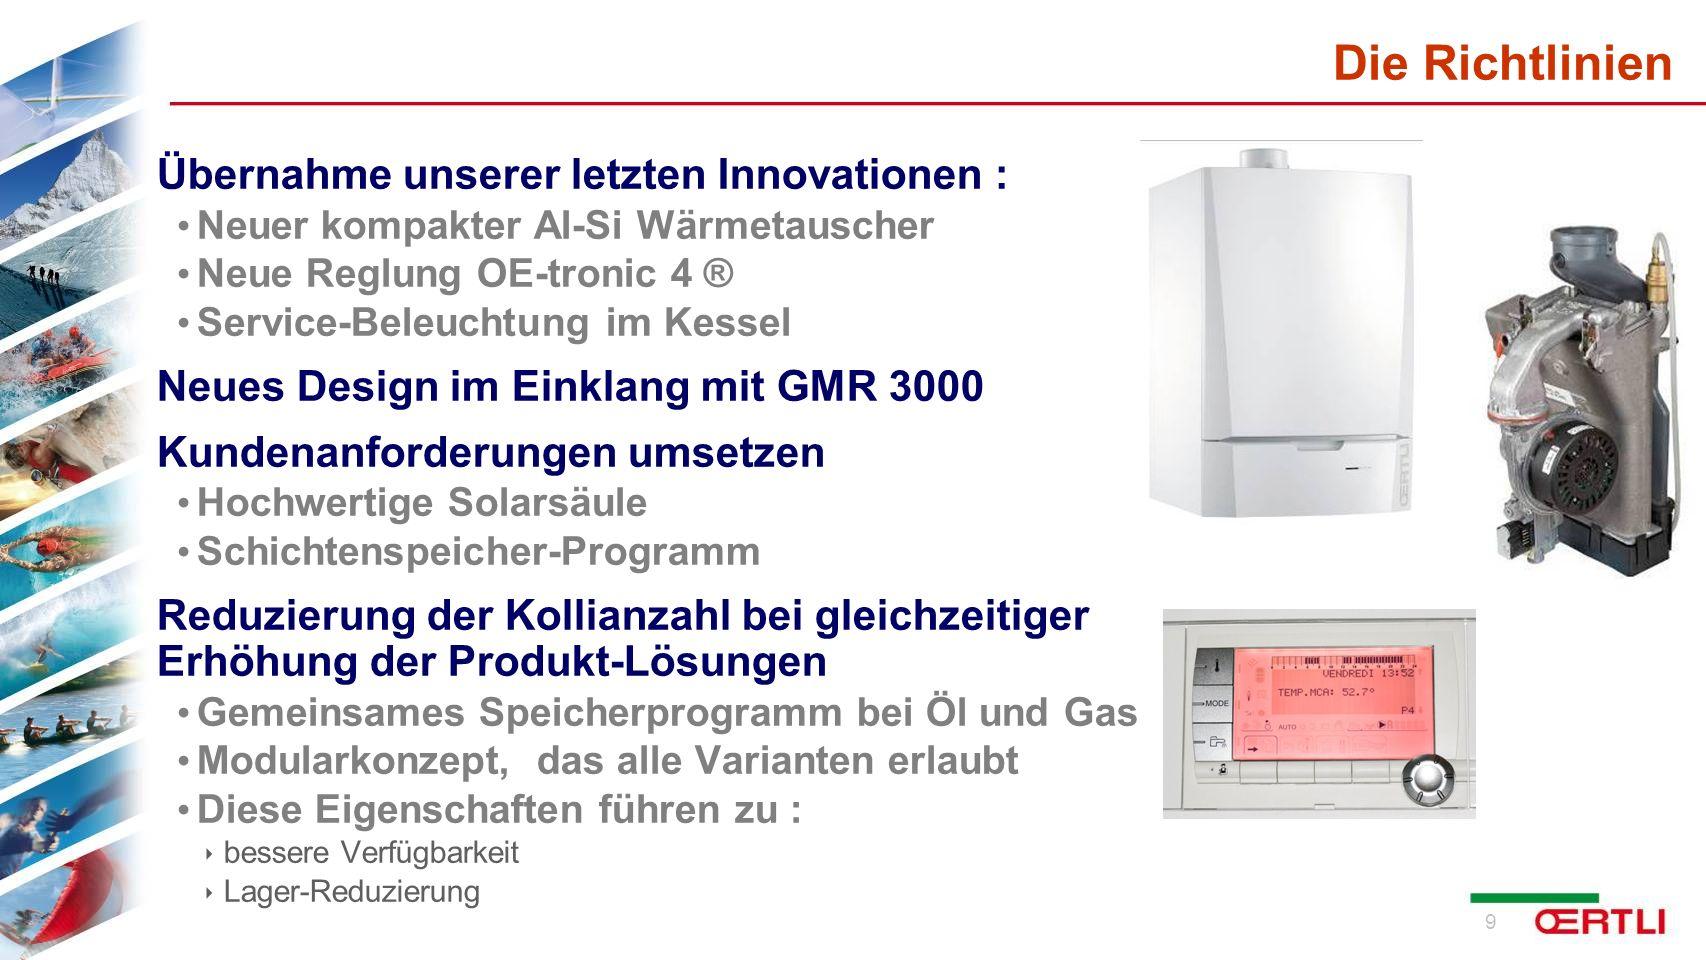 10 3 Leistungsgrößen GSCR 15 - 3,4 bis 15,8 kW (50/30) GSCR 25 - 5,6 bis 25,5 kW (50/30) GSCR 35 - 7,0 bis 35,9 kW (50/30) Die Kessel - Produktpalette